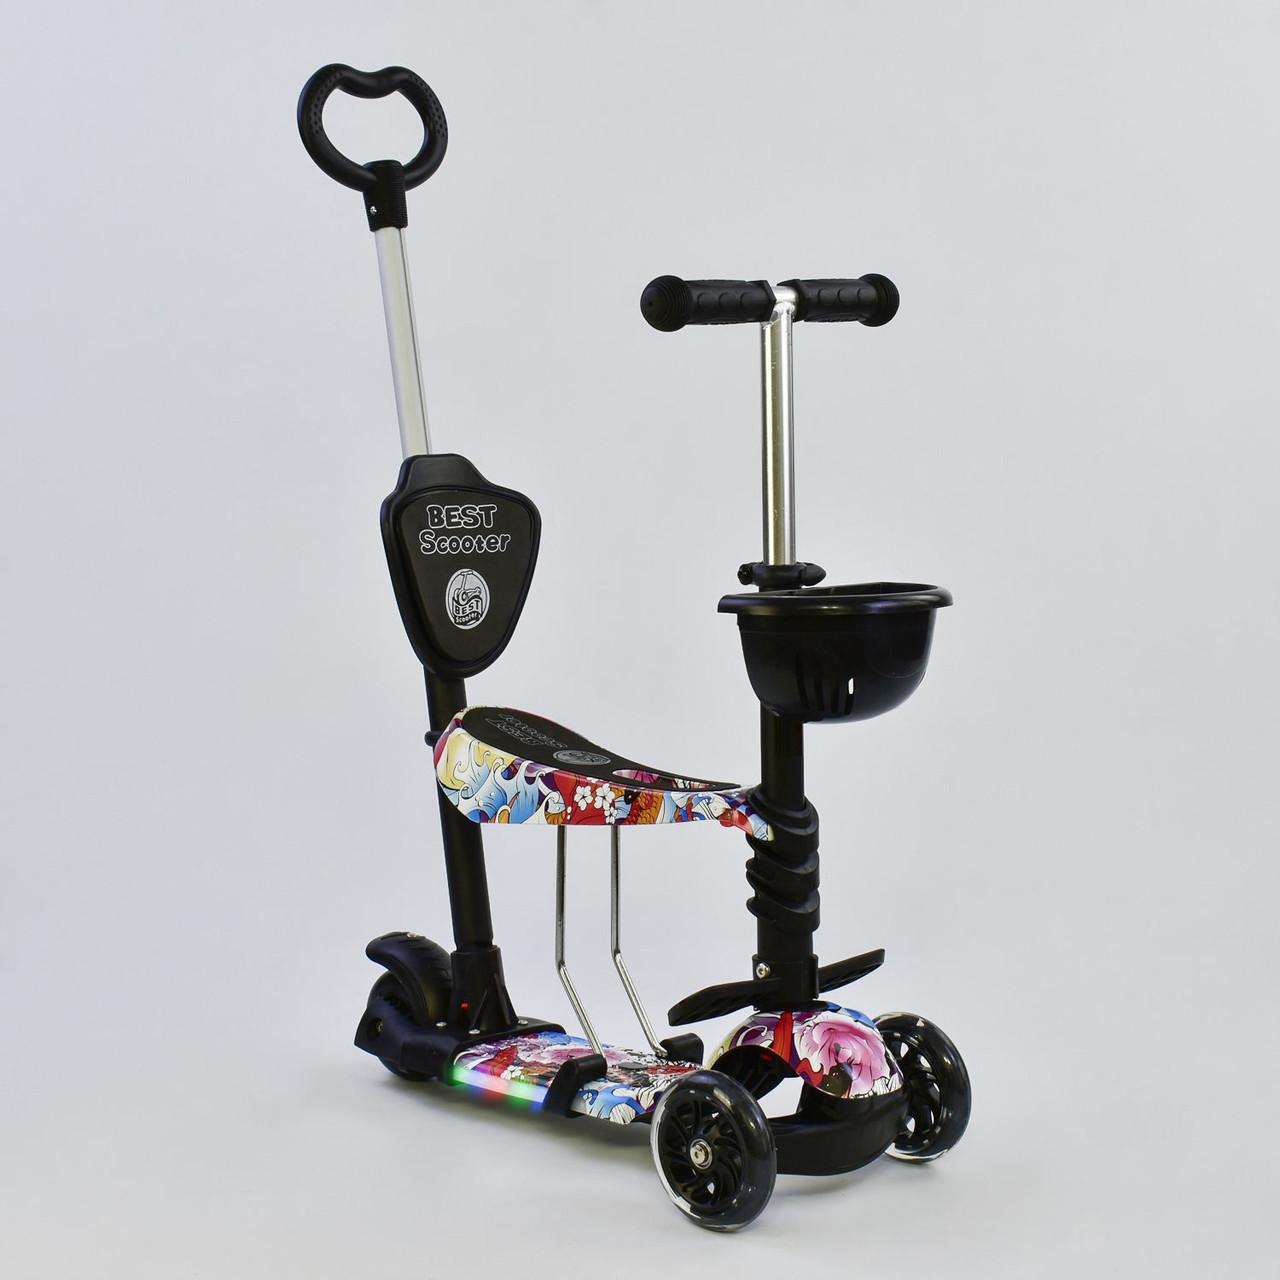 Самокат 5в1 Best Scooter 61080 PU колеса Гарантия качества Быстрая доставка